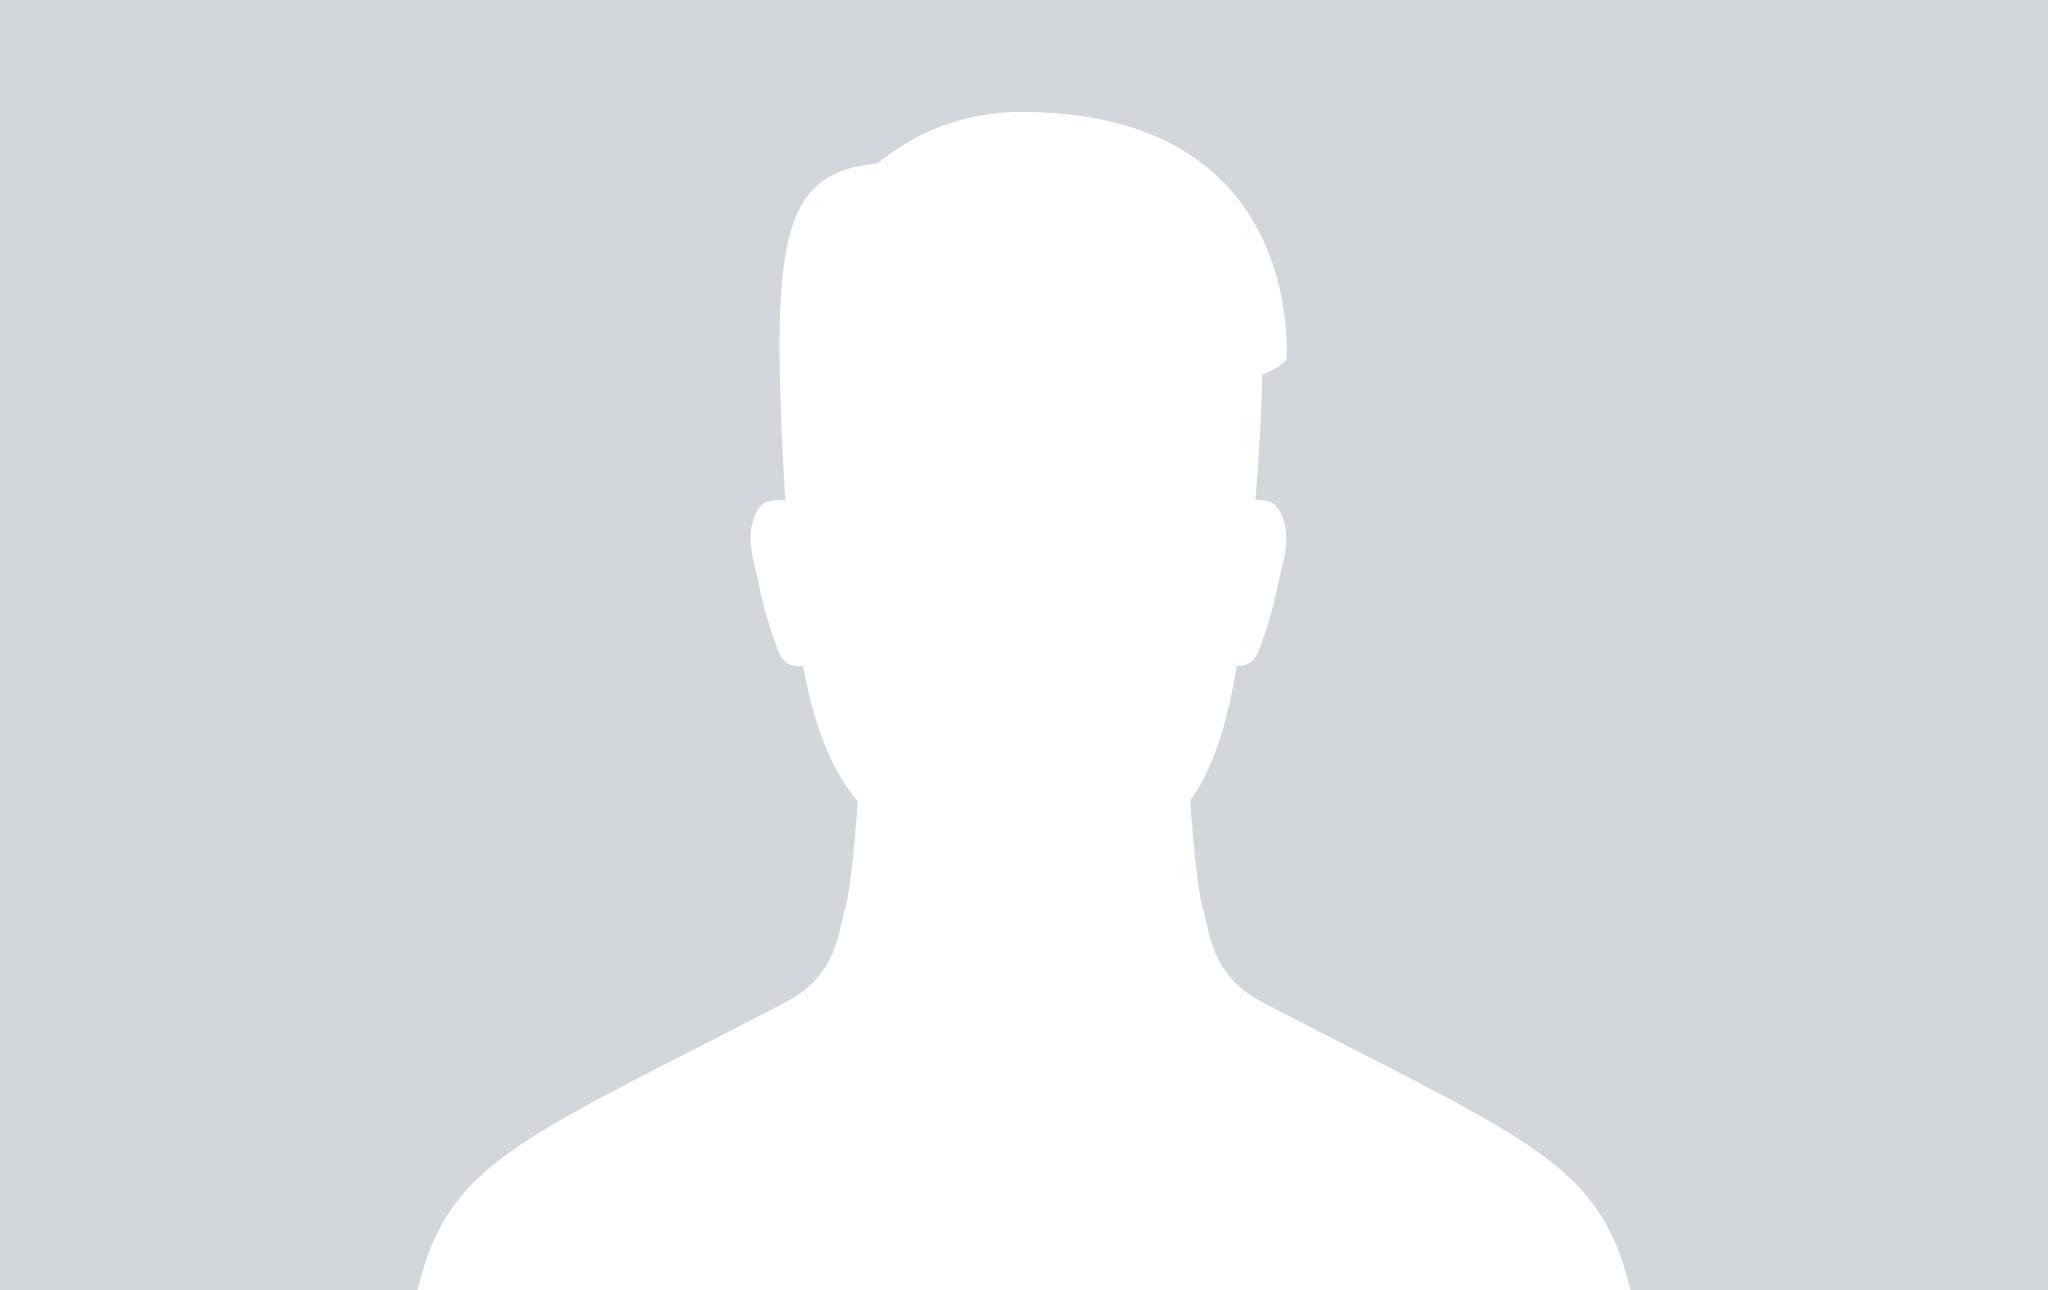 https://d2yht872mhrlra.cloudfront.net/user/120171/user_120171.jpg